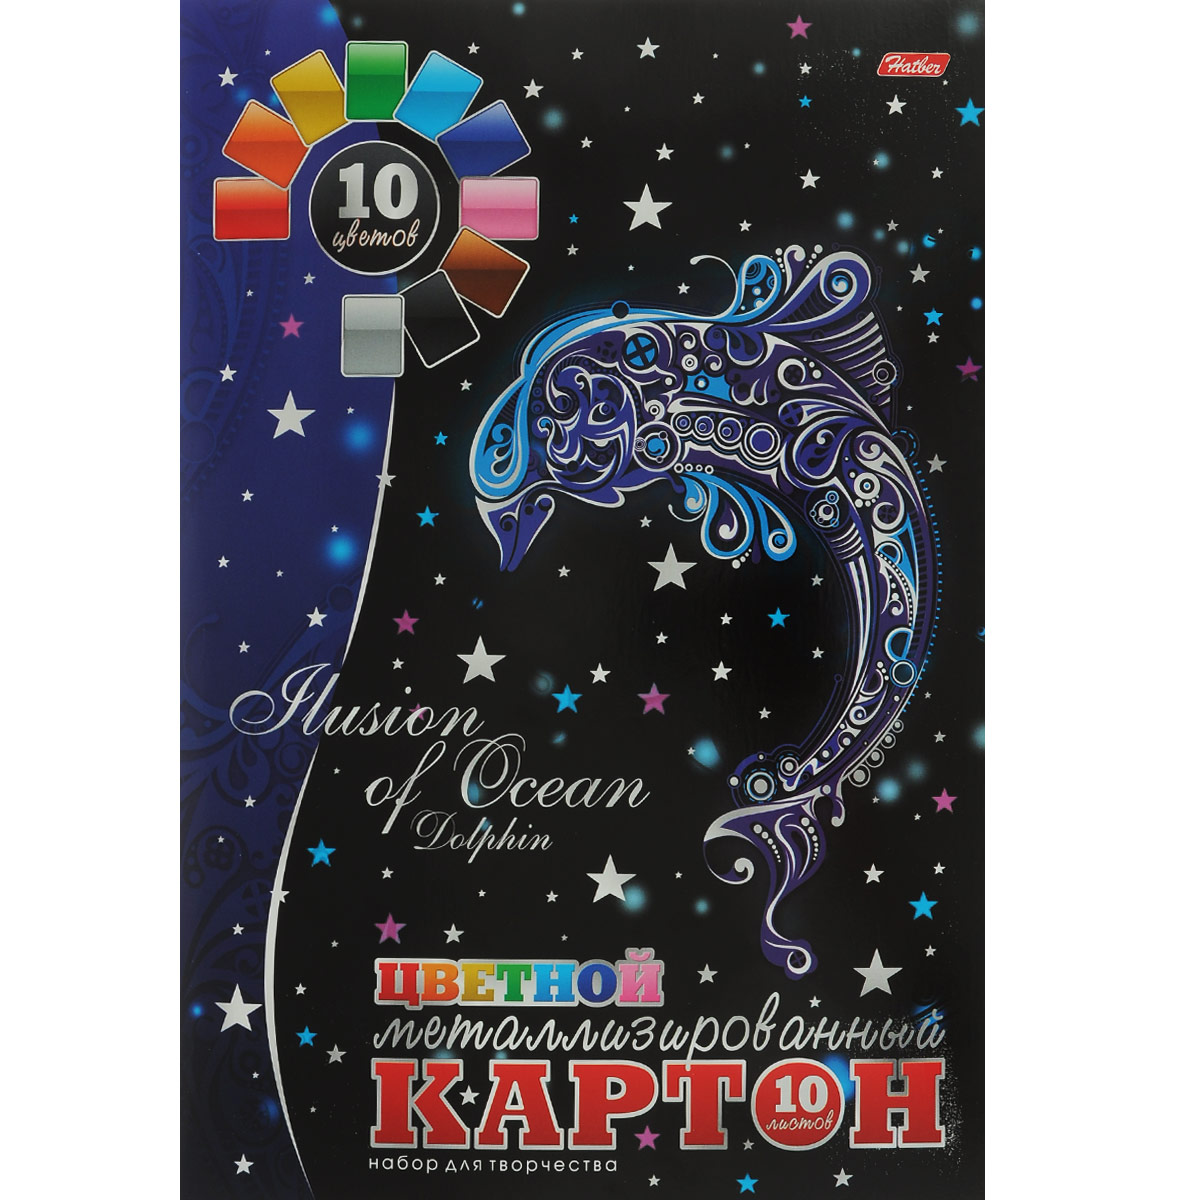 Картон цветной Hatber Дельфин, металлизированный, 10 цв, формат А4 silwerhof цветной картон гофрированный металлизированный 5 листов